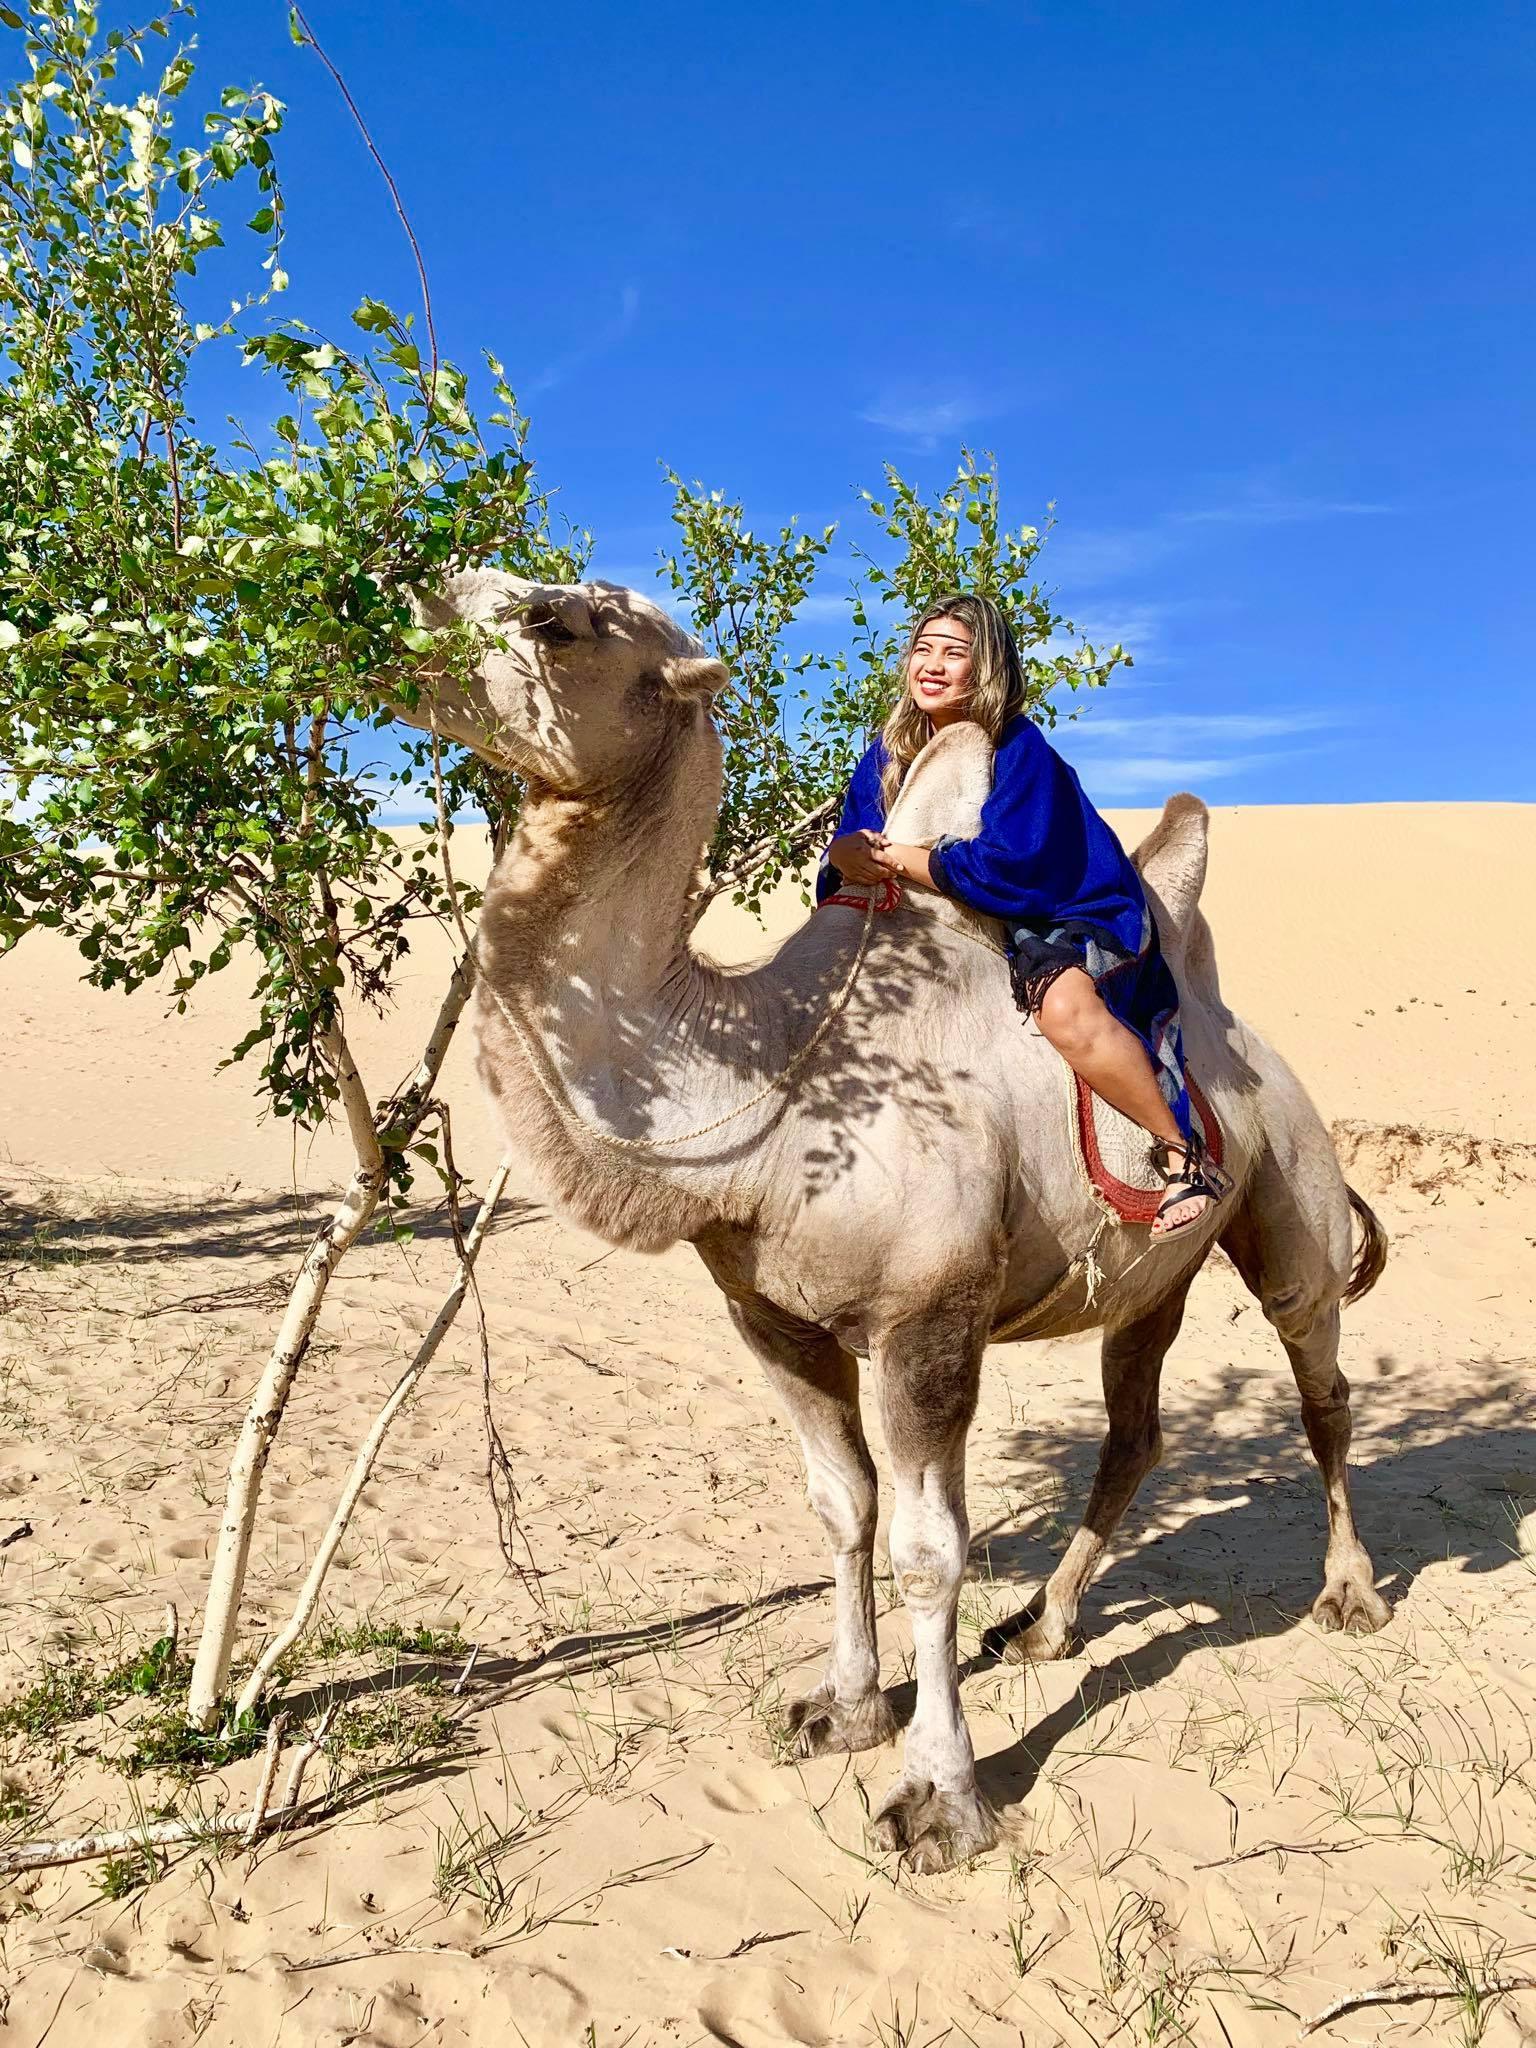 Kach Solo Travels in 2019 Nomadic family in Elsen Tasarkhai9.jpg